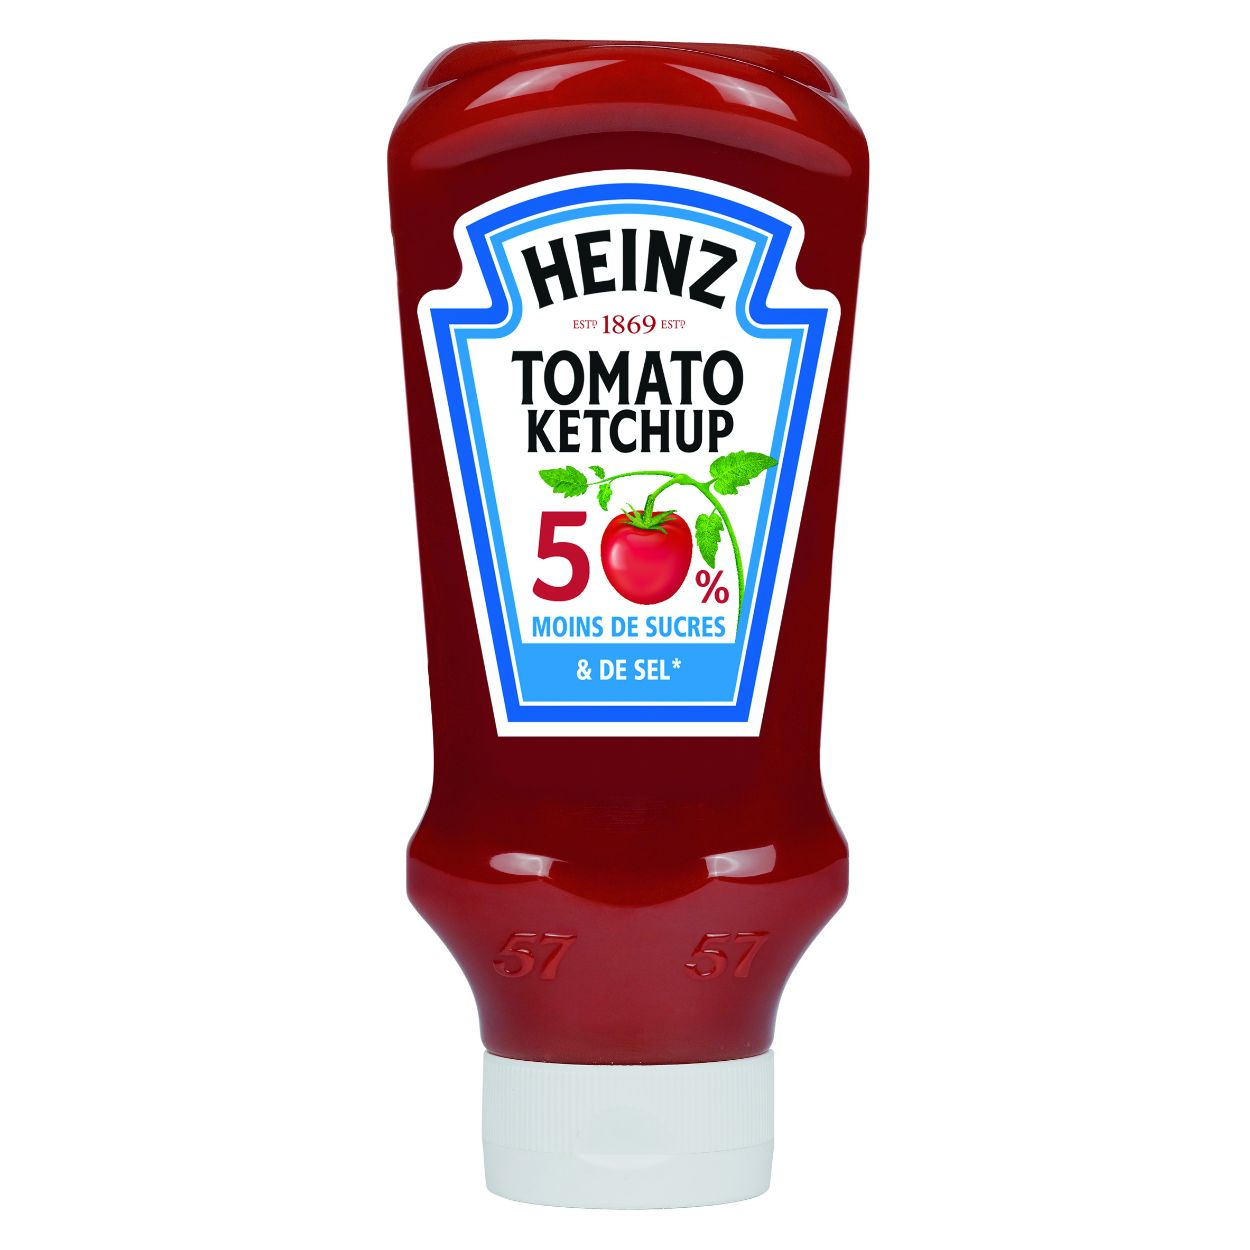 Heinz Tomato ketchup 50% de sucre et 50% de sel en moins 625g top down image